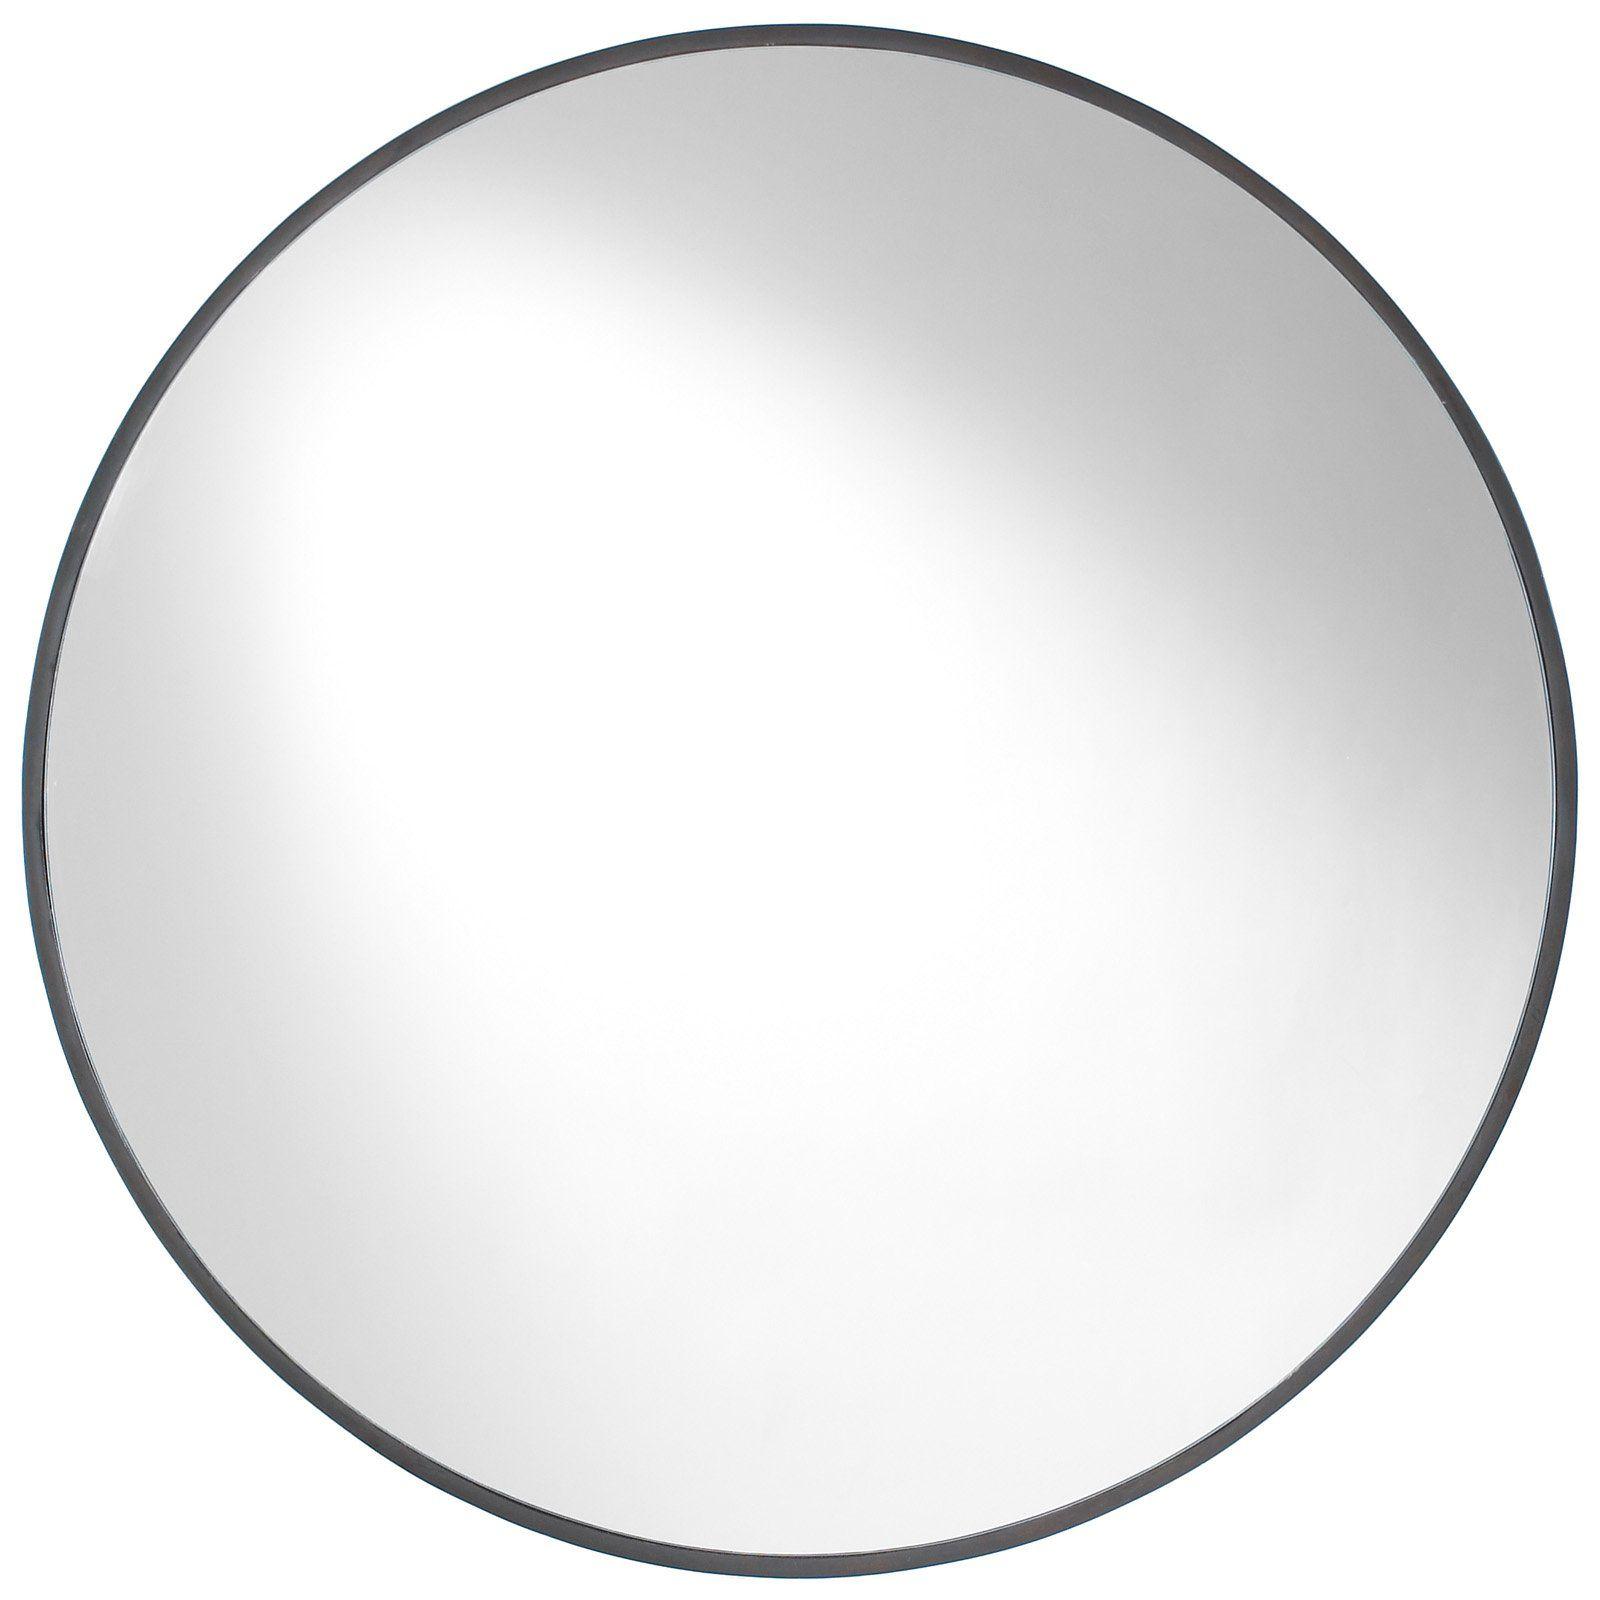 Good 34 Inch Round Mirror Part - 3: Cooper Classics Cordova Round Mirror - 34 Diam. In. - Add Depth To Any